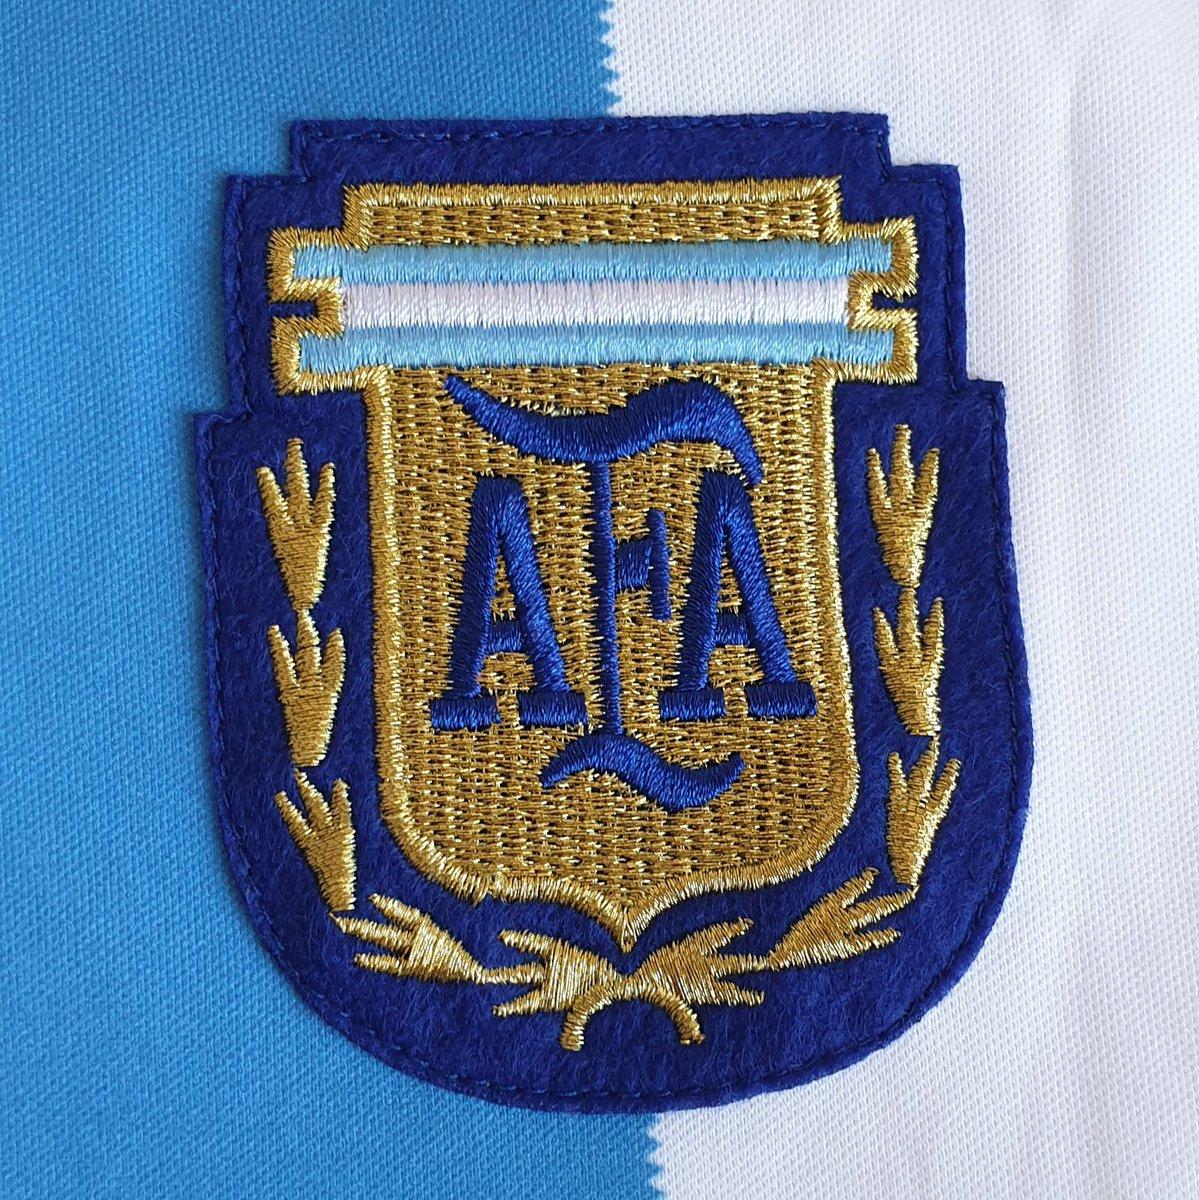 10. Argentina 🇦🇷 Maradona 10  (camiseta muy especial del mejor de todos los tiempos, el Diego) https://t.co/XUWLZ6h6MH